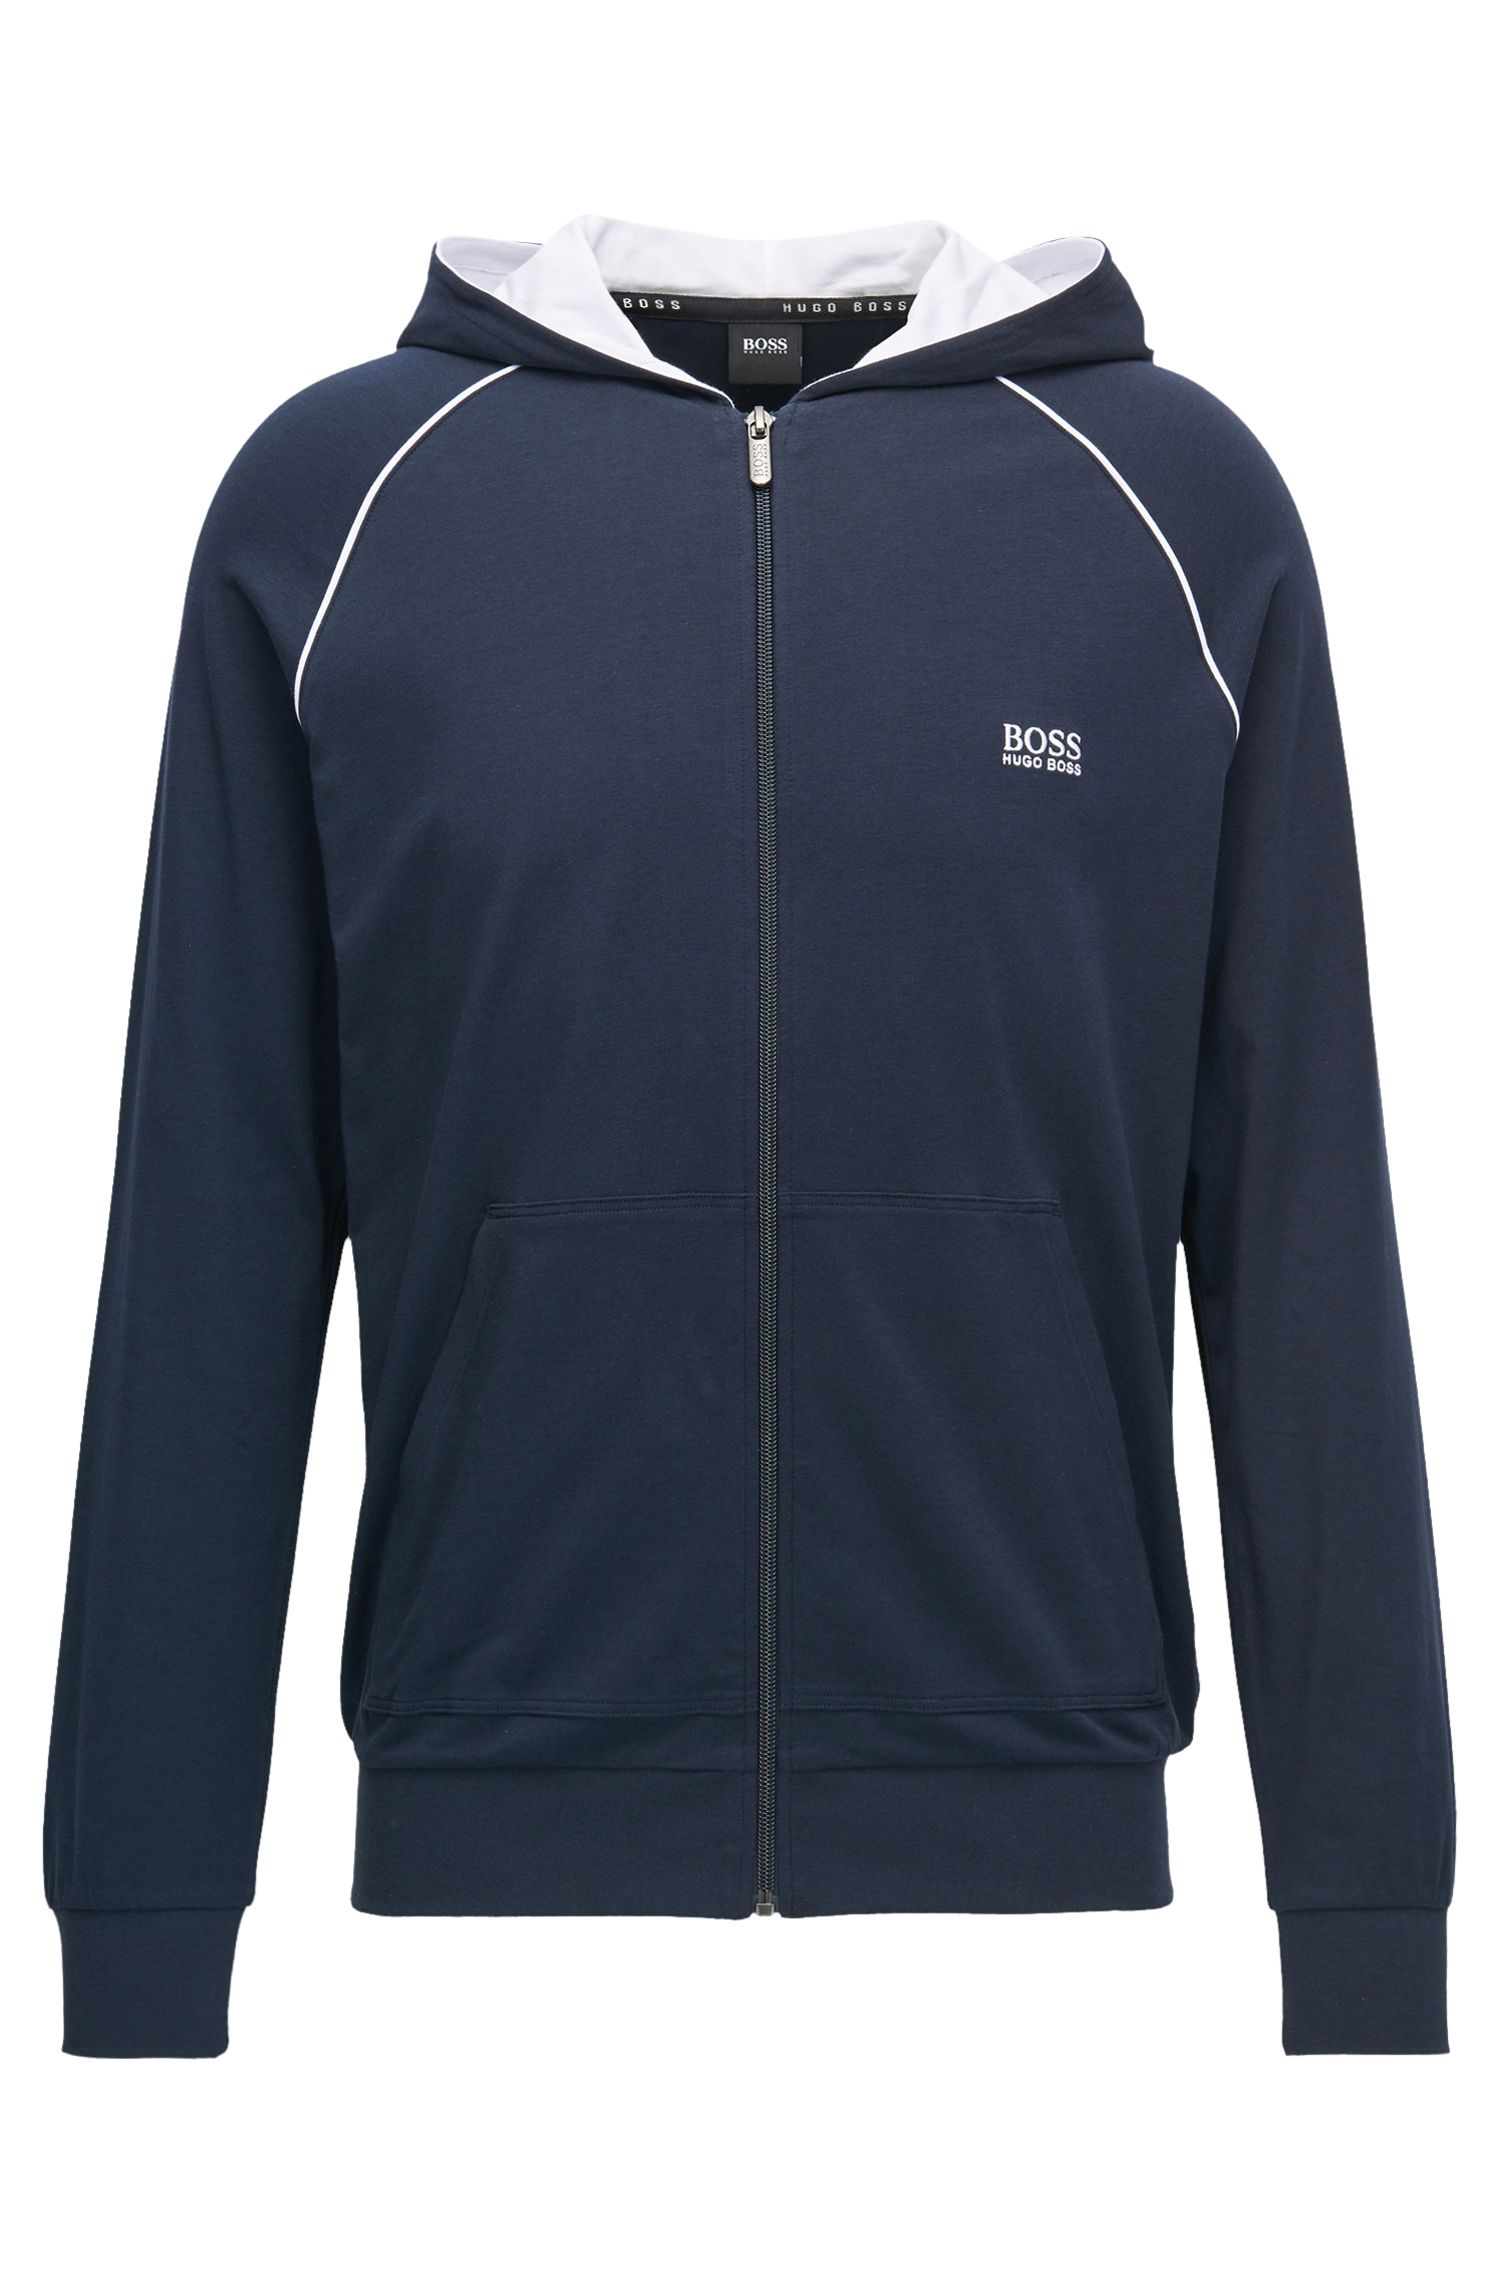 Giacca con cappuccio e zip integrale in jersey di cotone elasticizzato con profili a contrasto